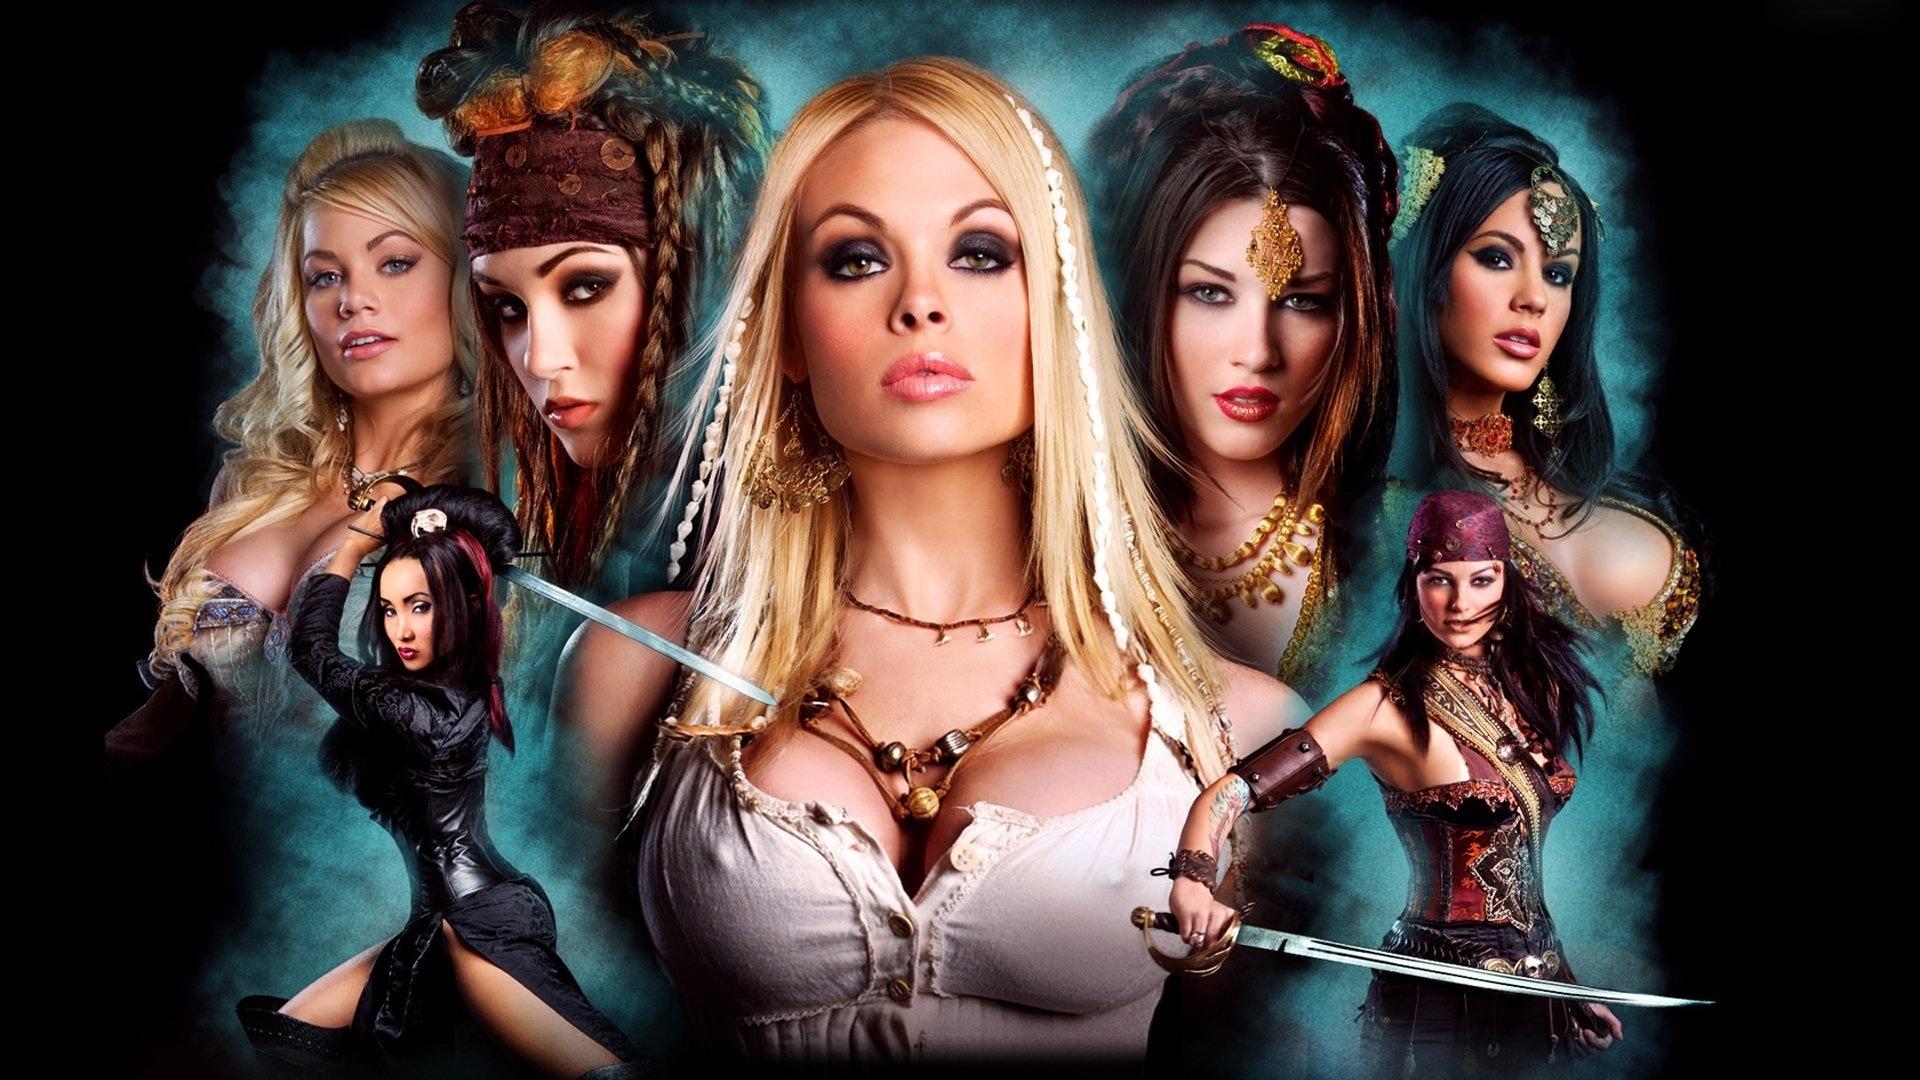 Смотреть онлайн бесплатно порно фильм пираты